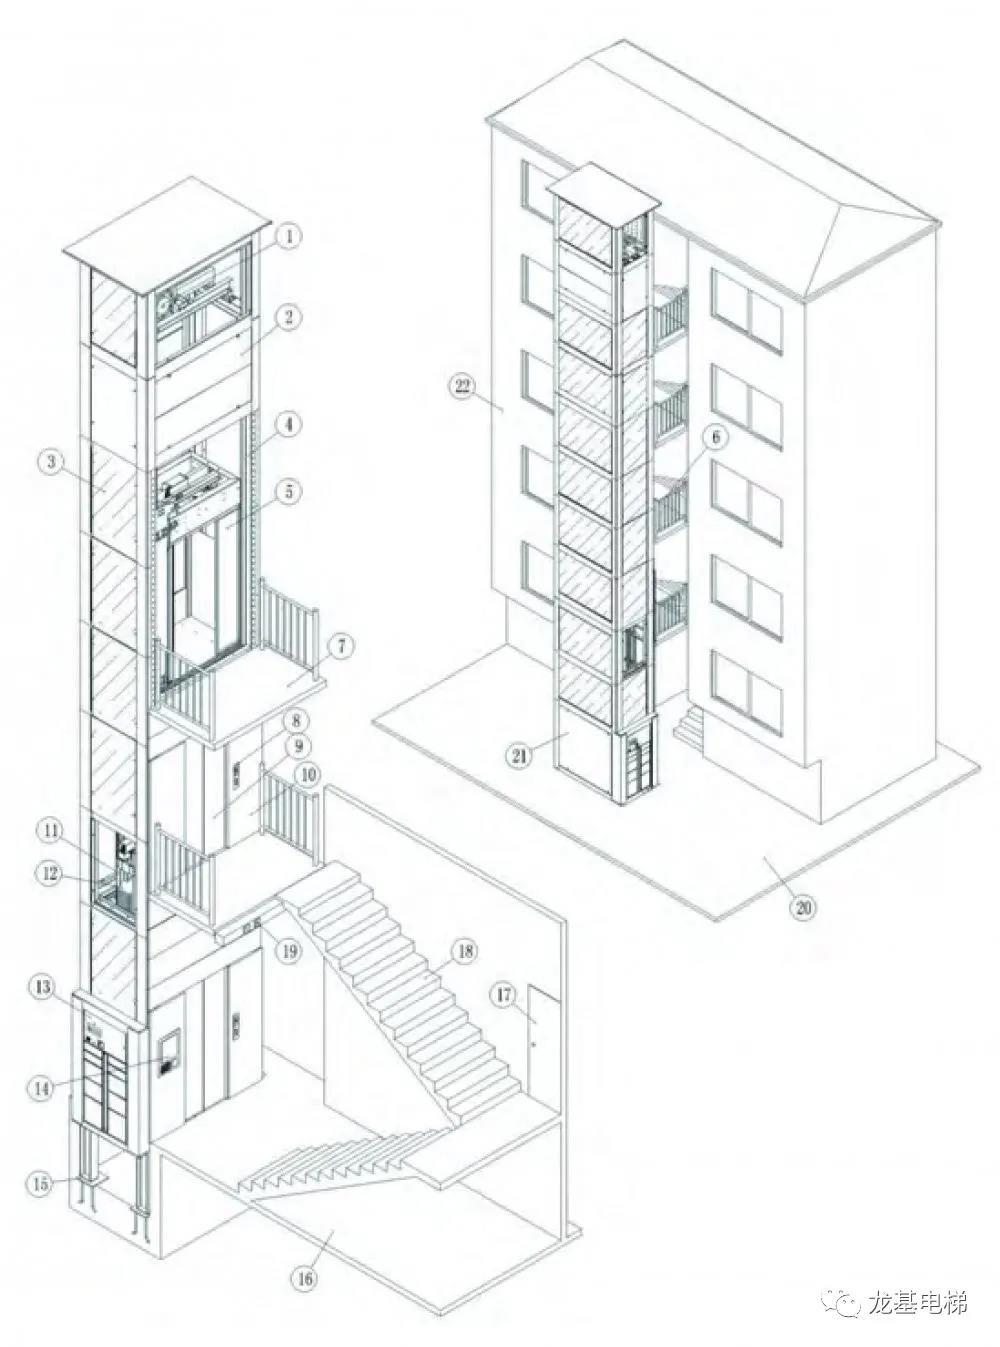 加装电梯公司